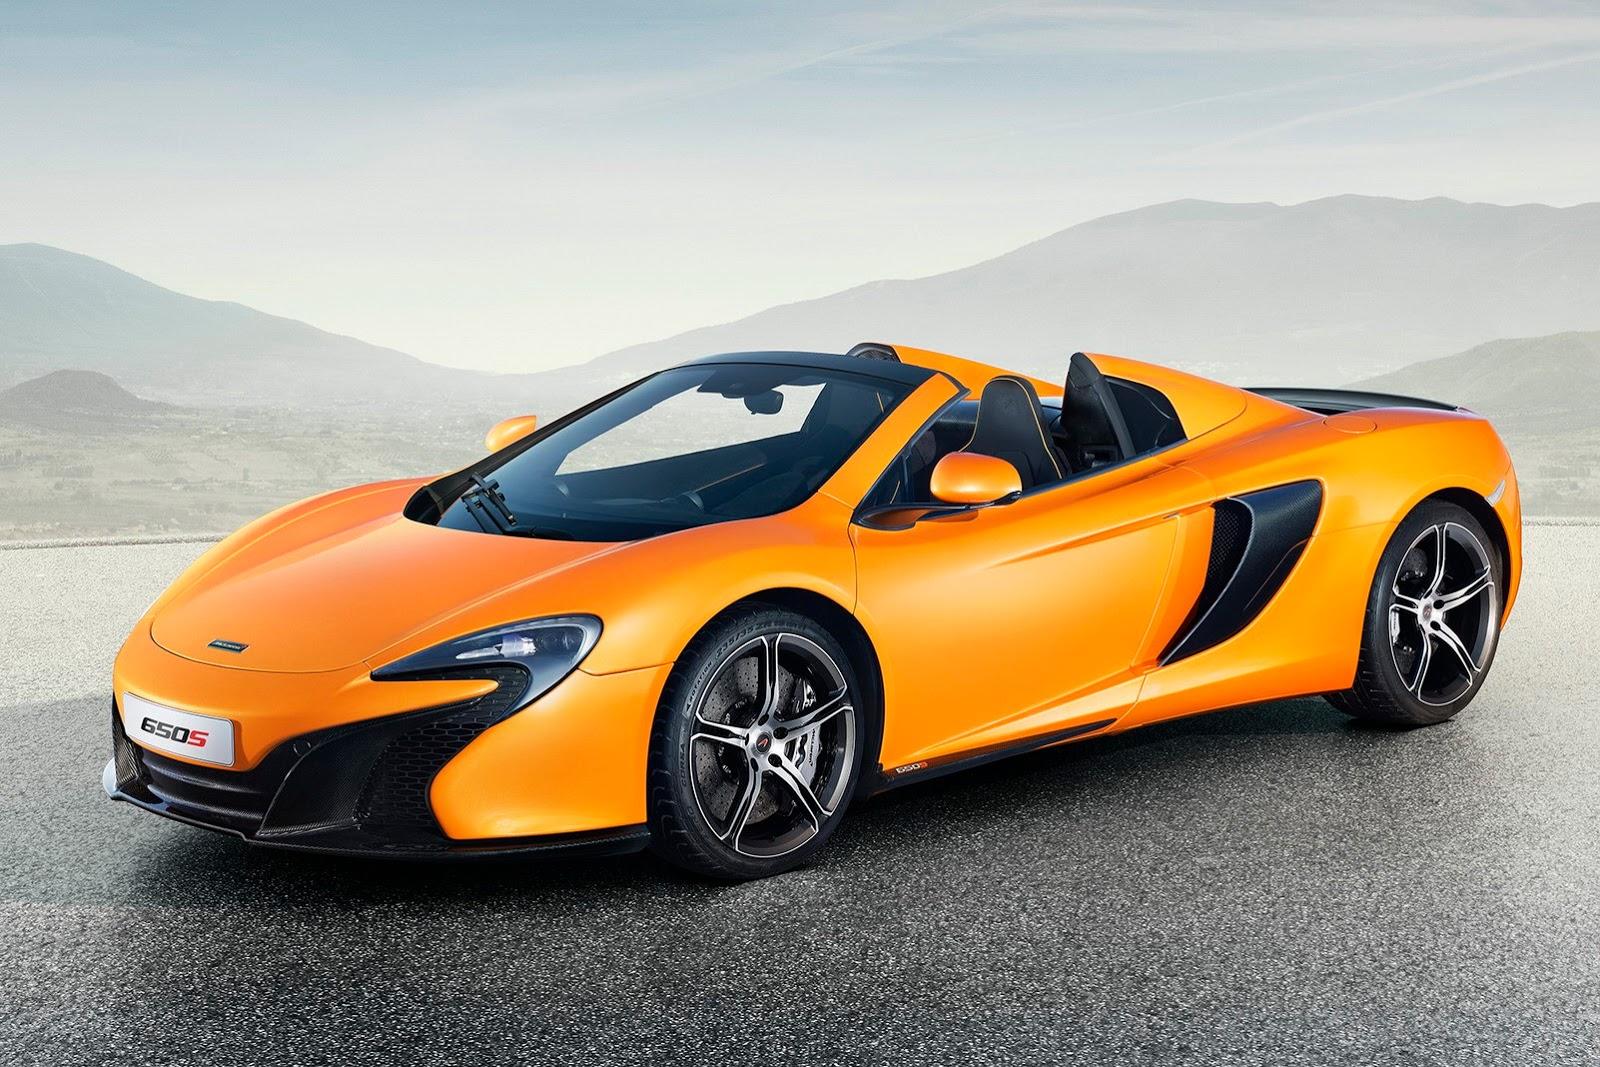 http://lh4.ggpht.com/-D-uSqEp8Ncc/UxW_LZnJiMI/AAAAAAAQSss/tnimXTd6vhI/s1600/McLaren-65-S-2%25255B2%25255D.jpg